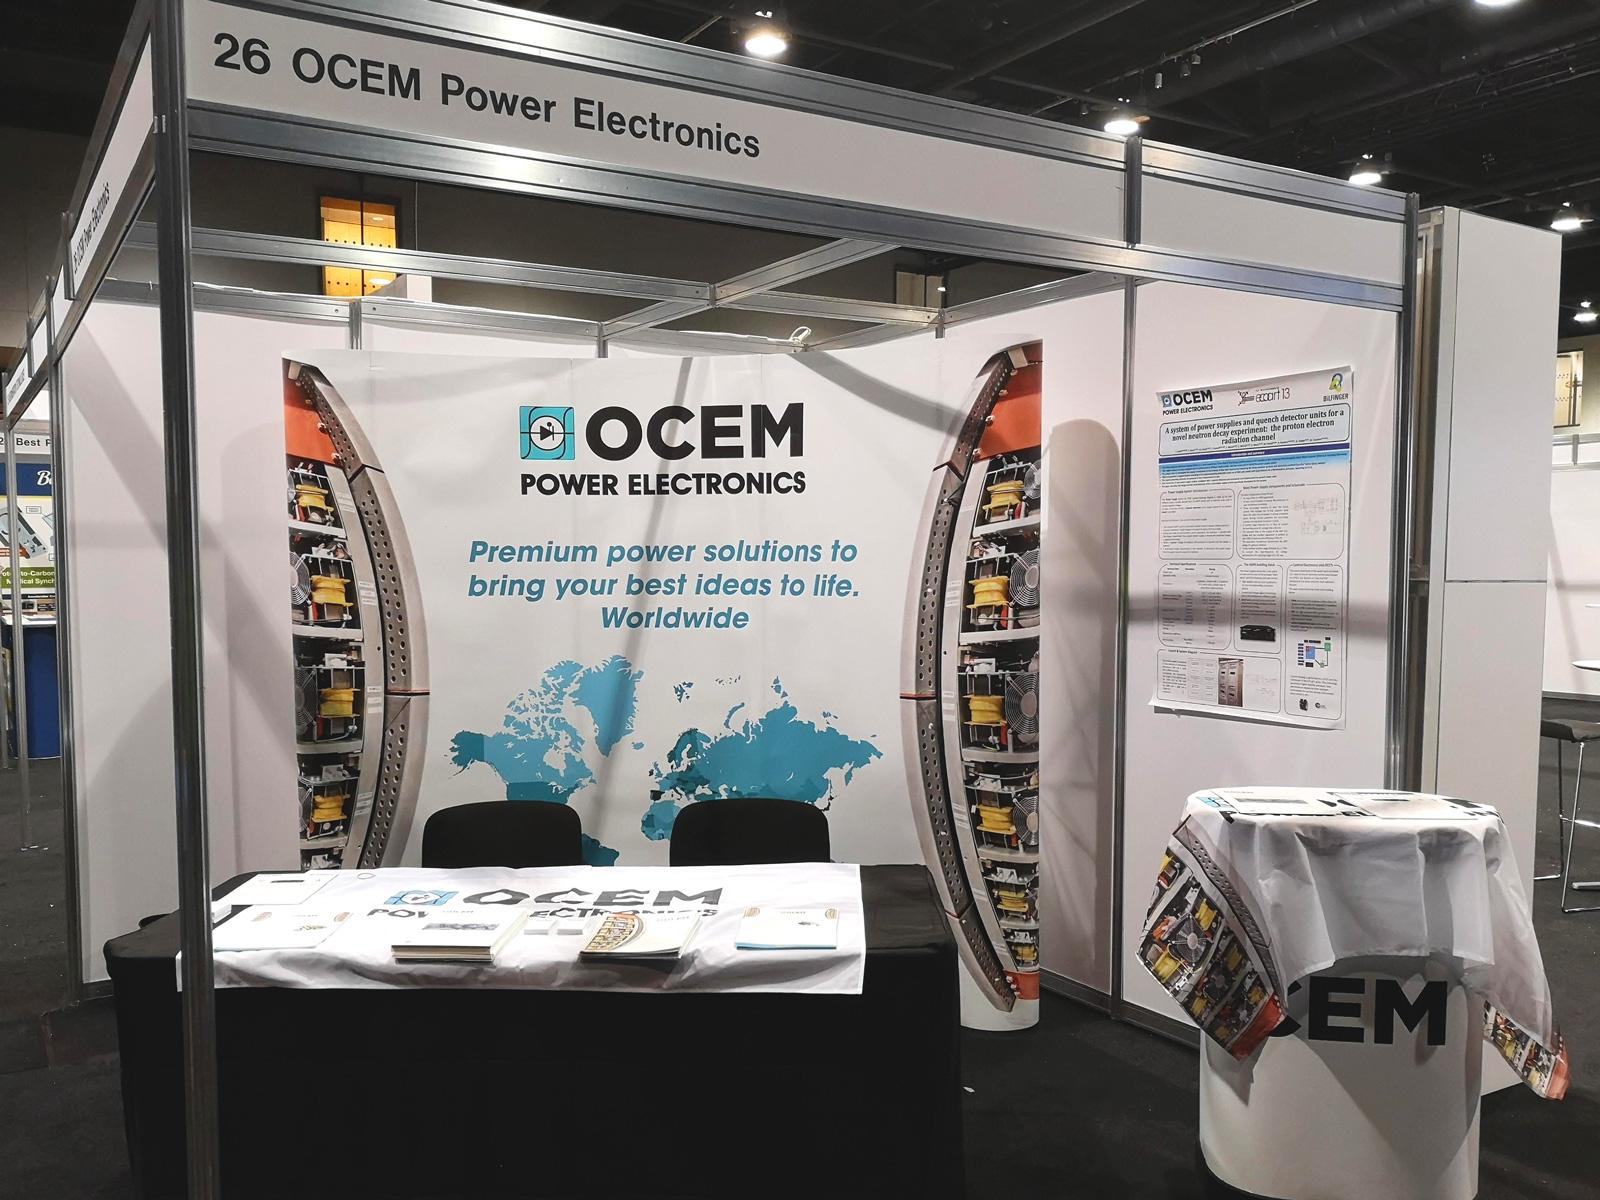 Visit OCEM Power Electronics sponsoring PTCOG 2019 in Manchester, UK!